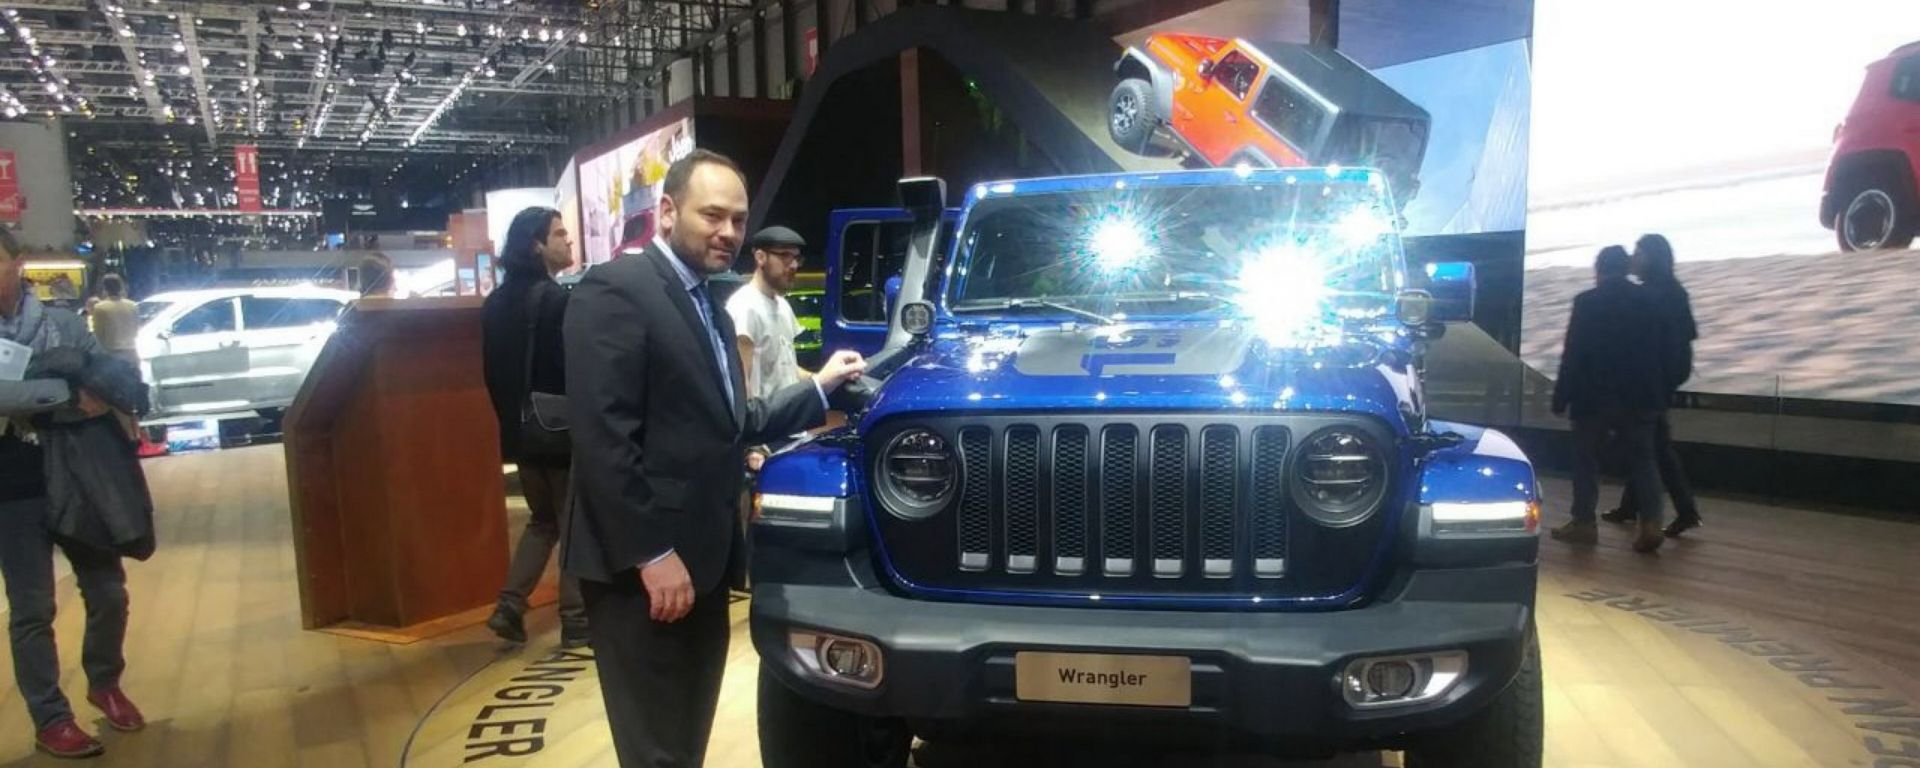 Jeep: come fa un'icona come Wrangler a rimanere al passo coi tempi?